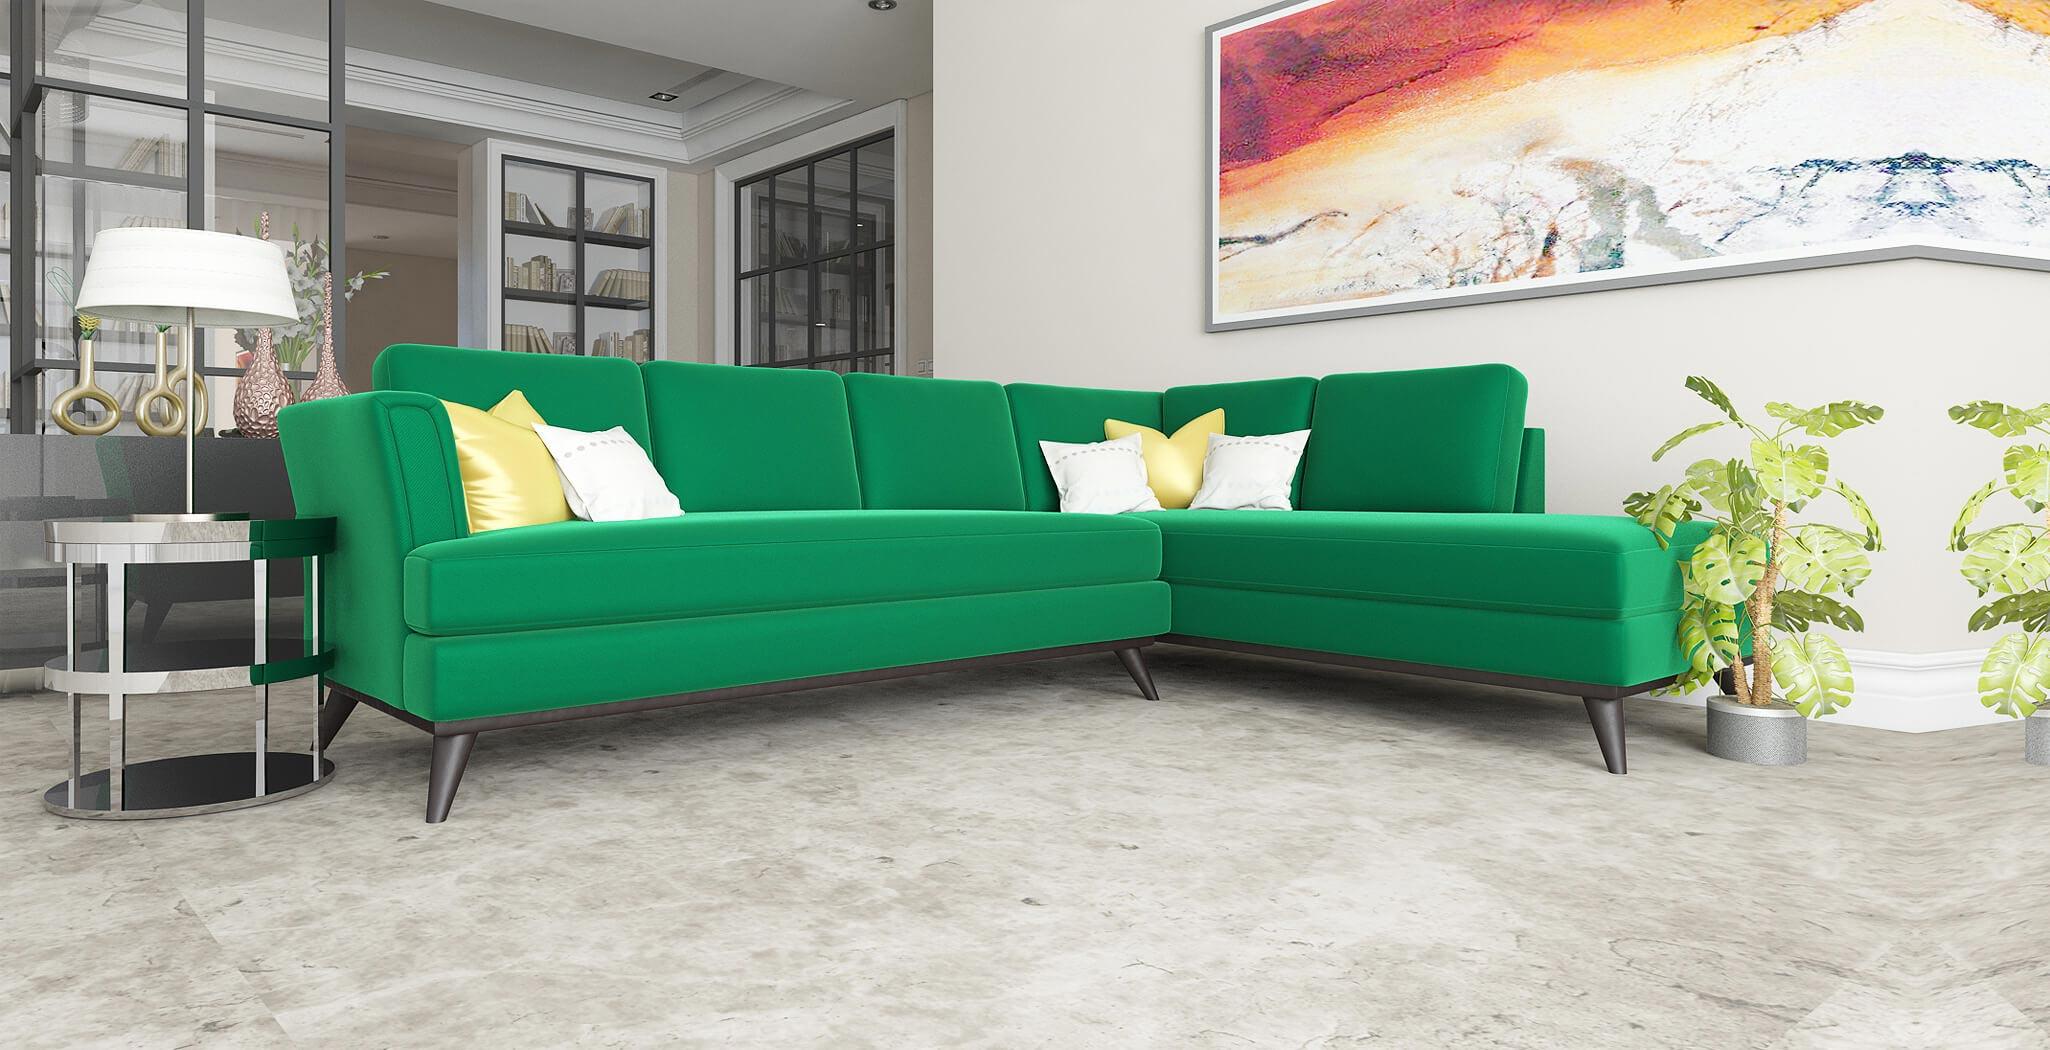 antalya panel furniture gallery 5